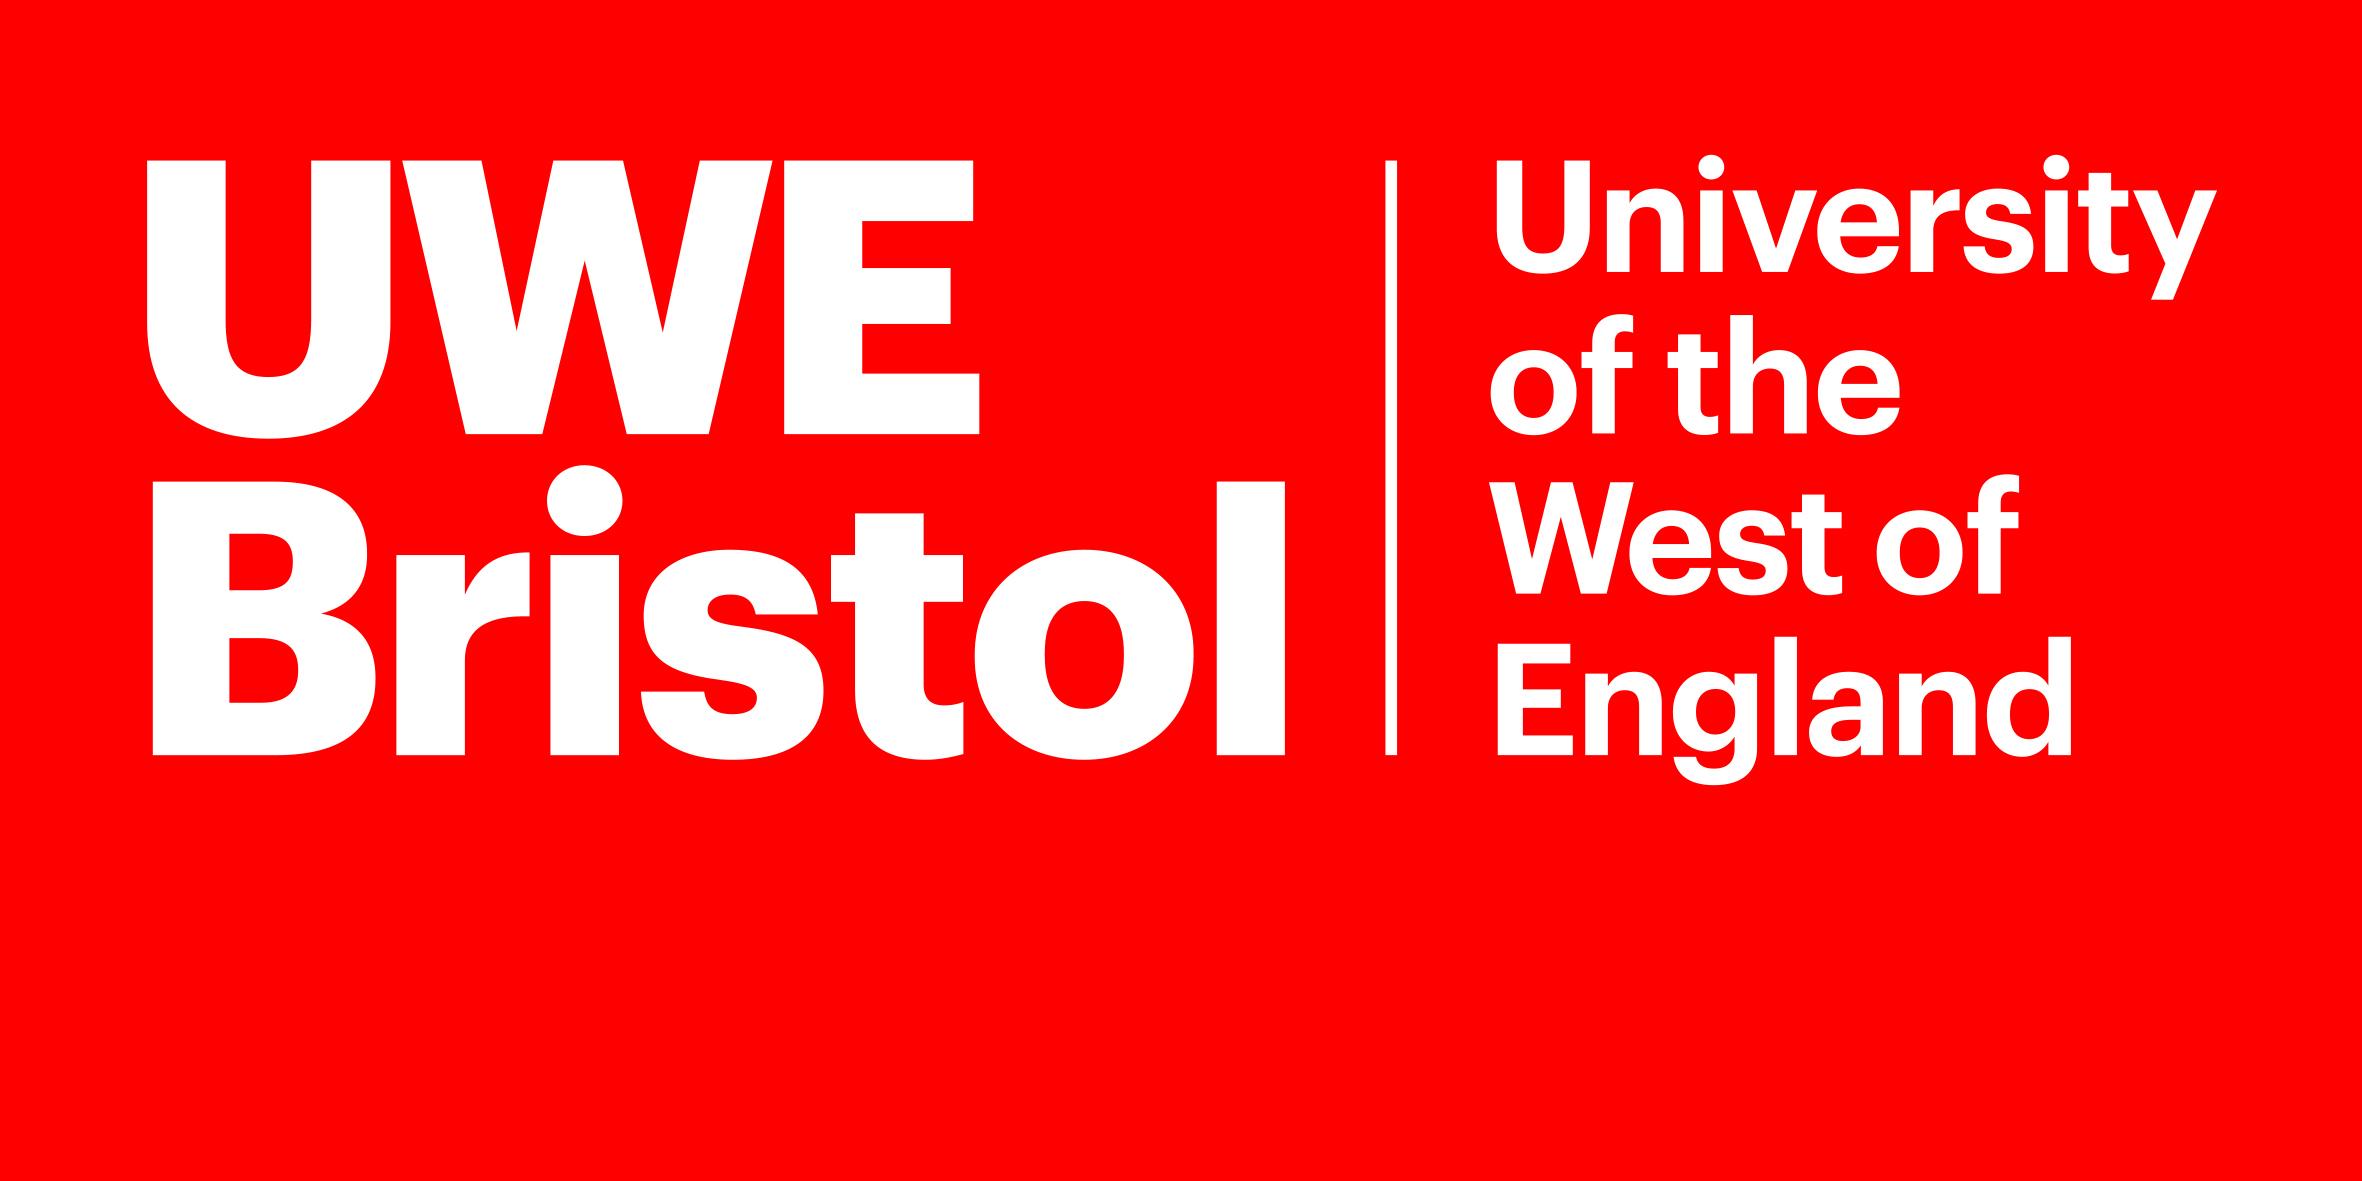 Uwe Bristol Logo Print